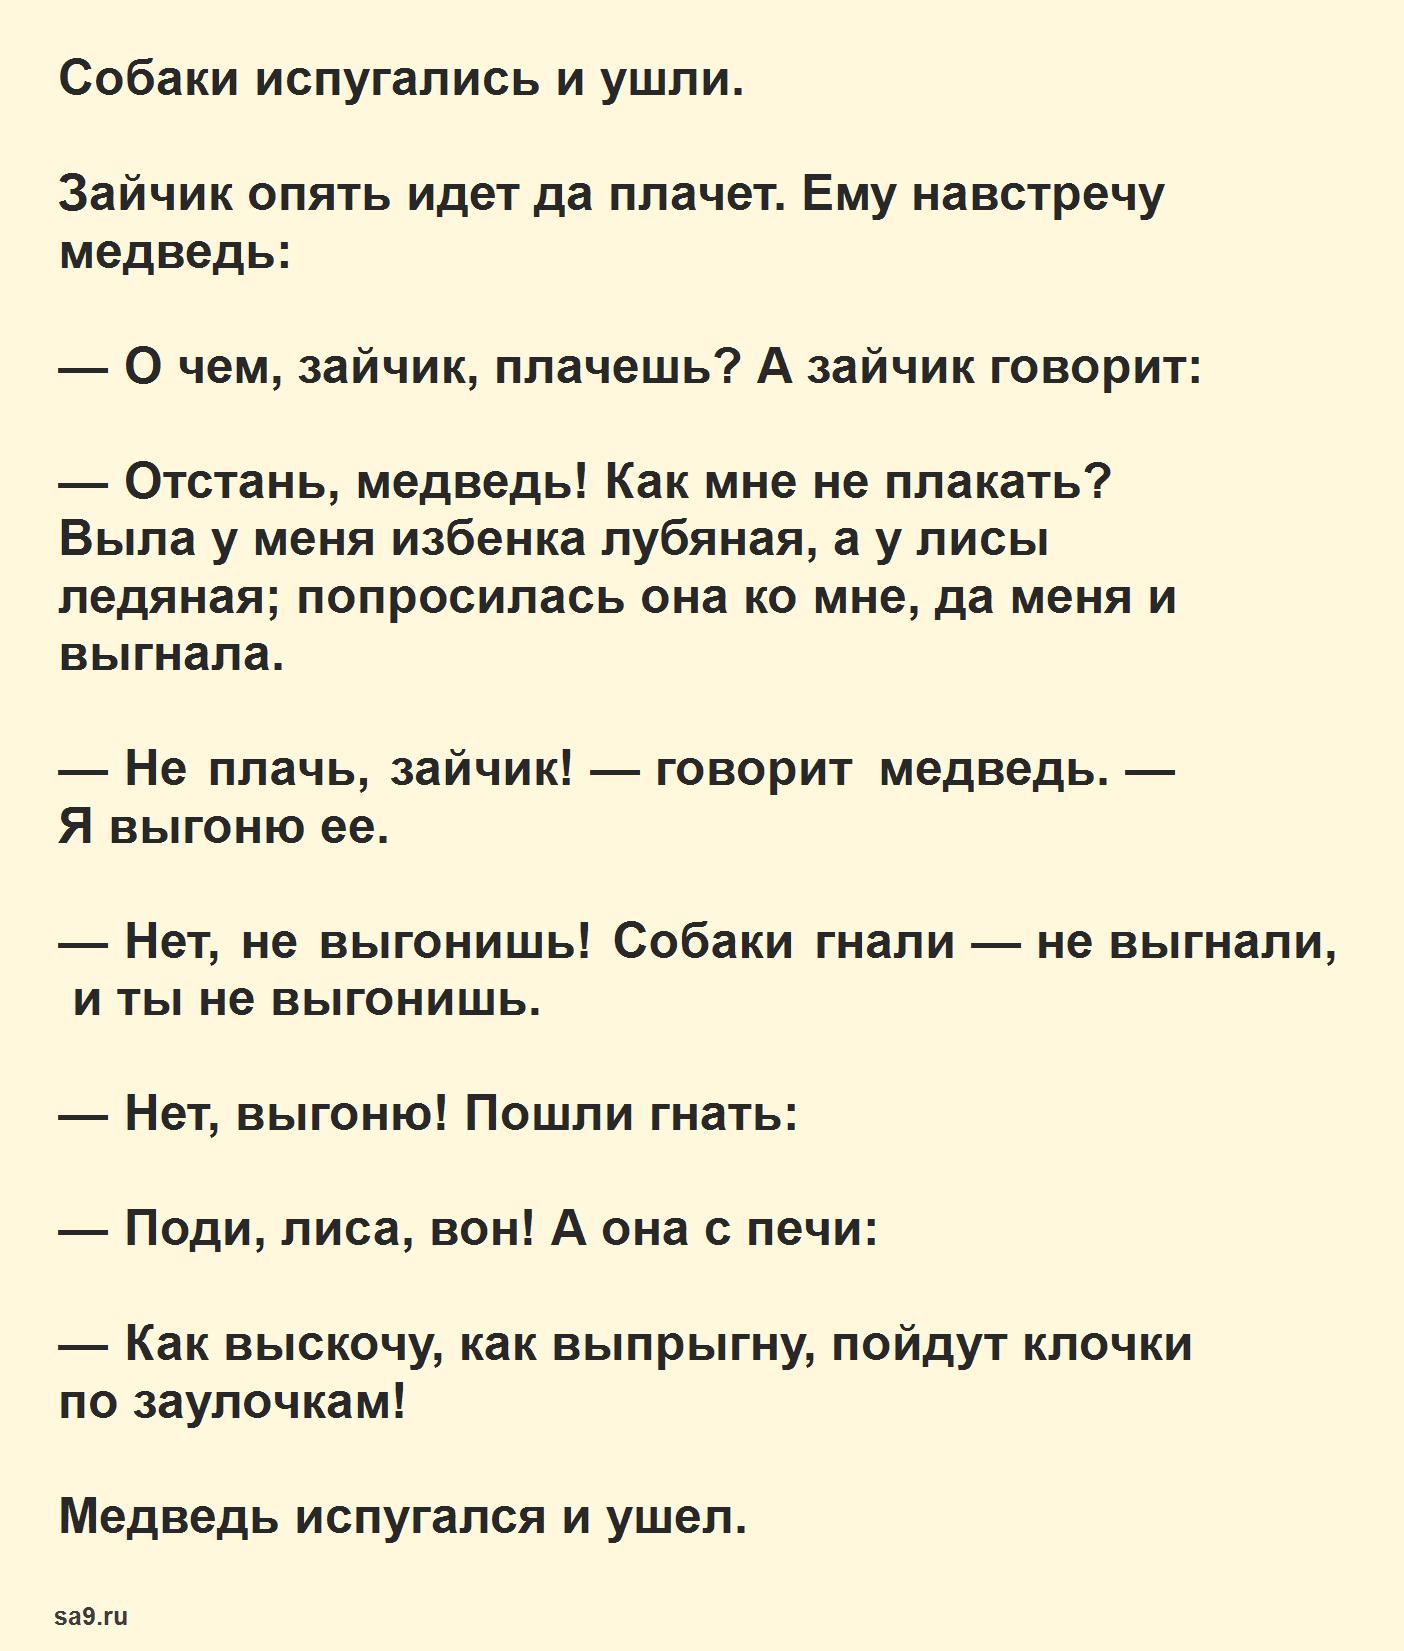 Русская народная сказка - Лиса, заяц и петух, читать онлайн бесплатно